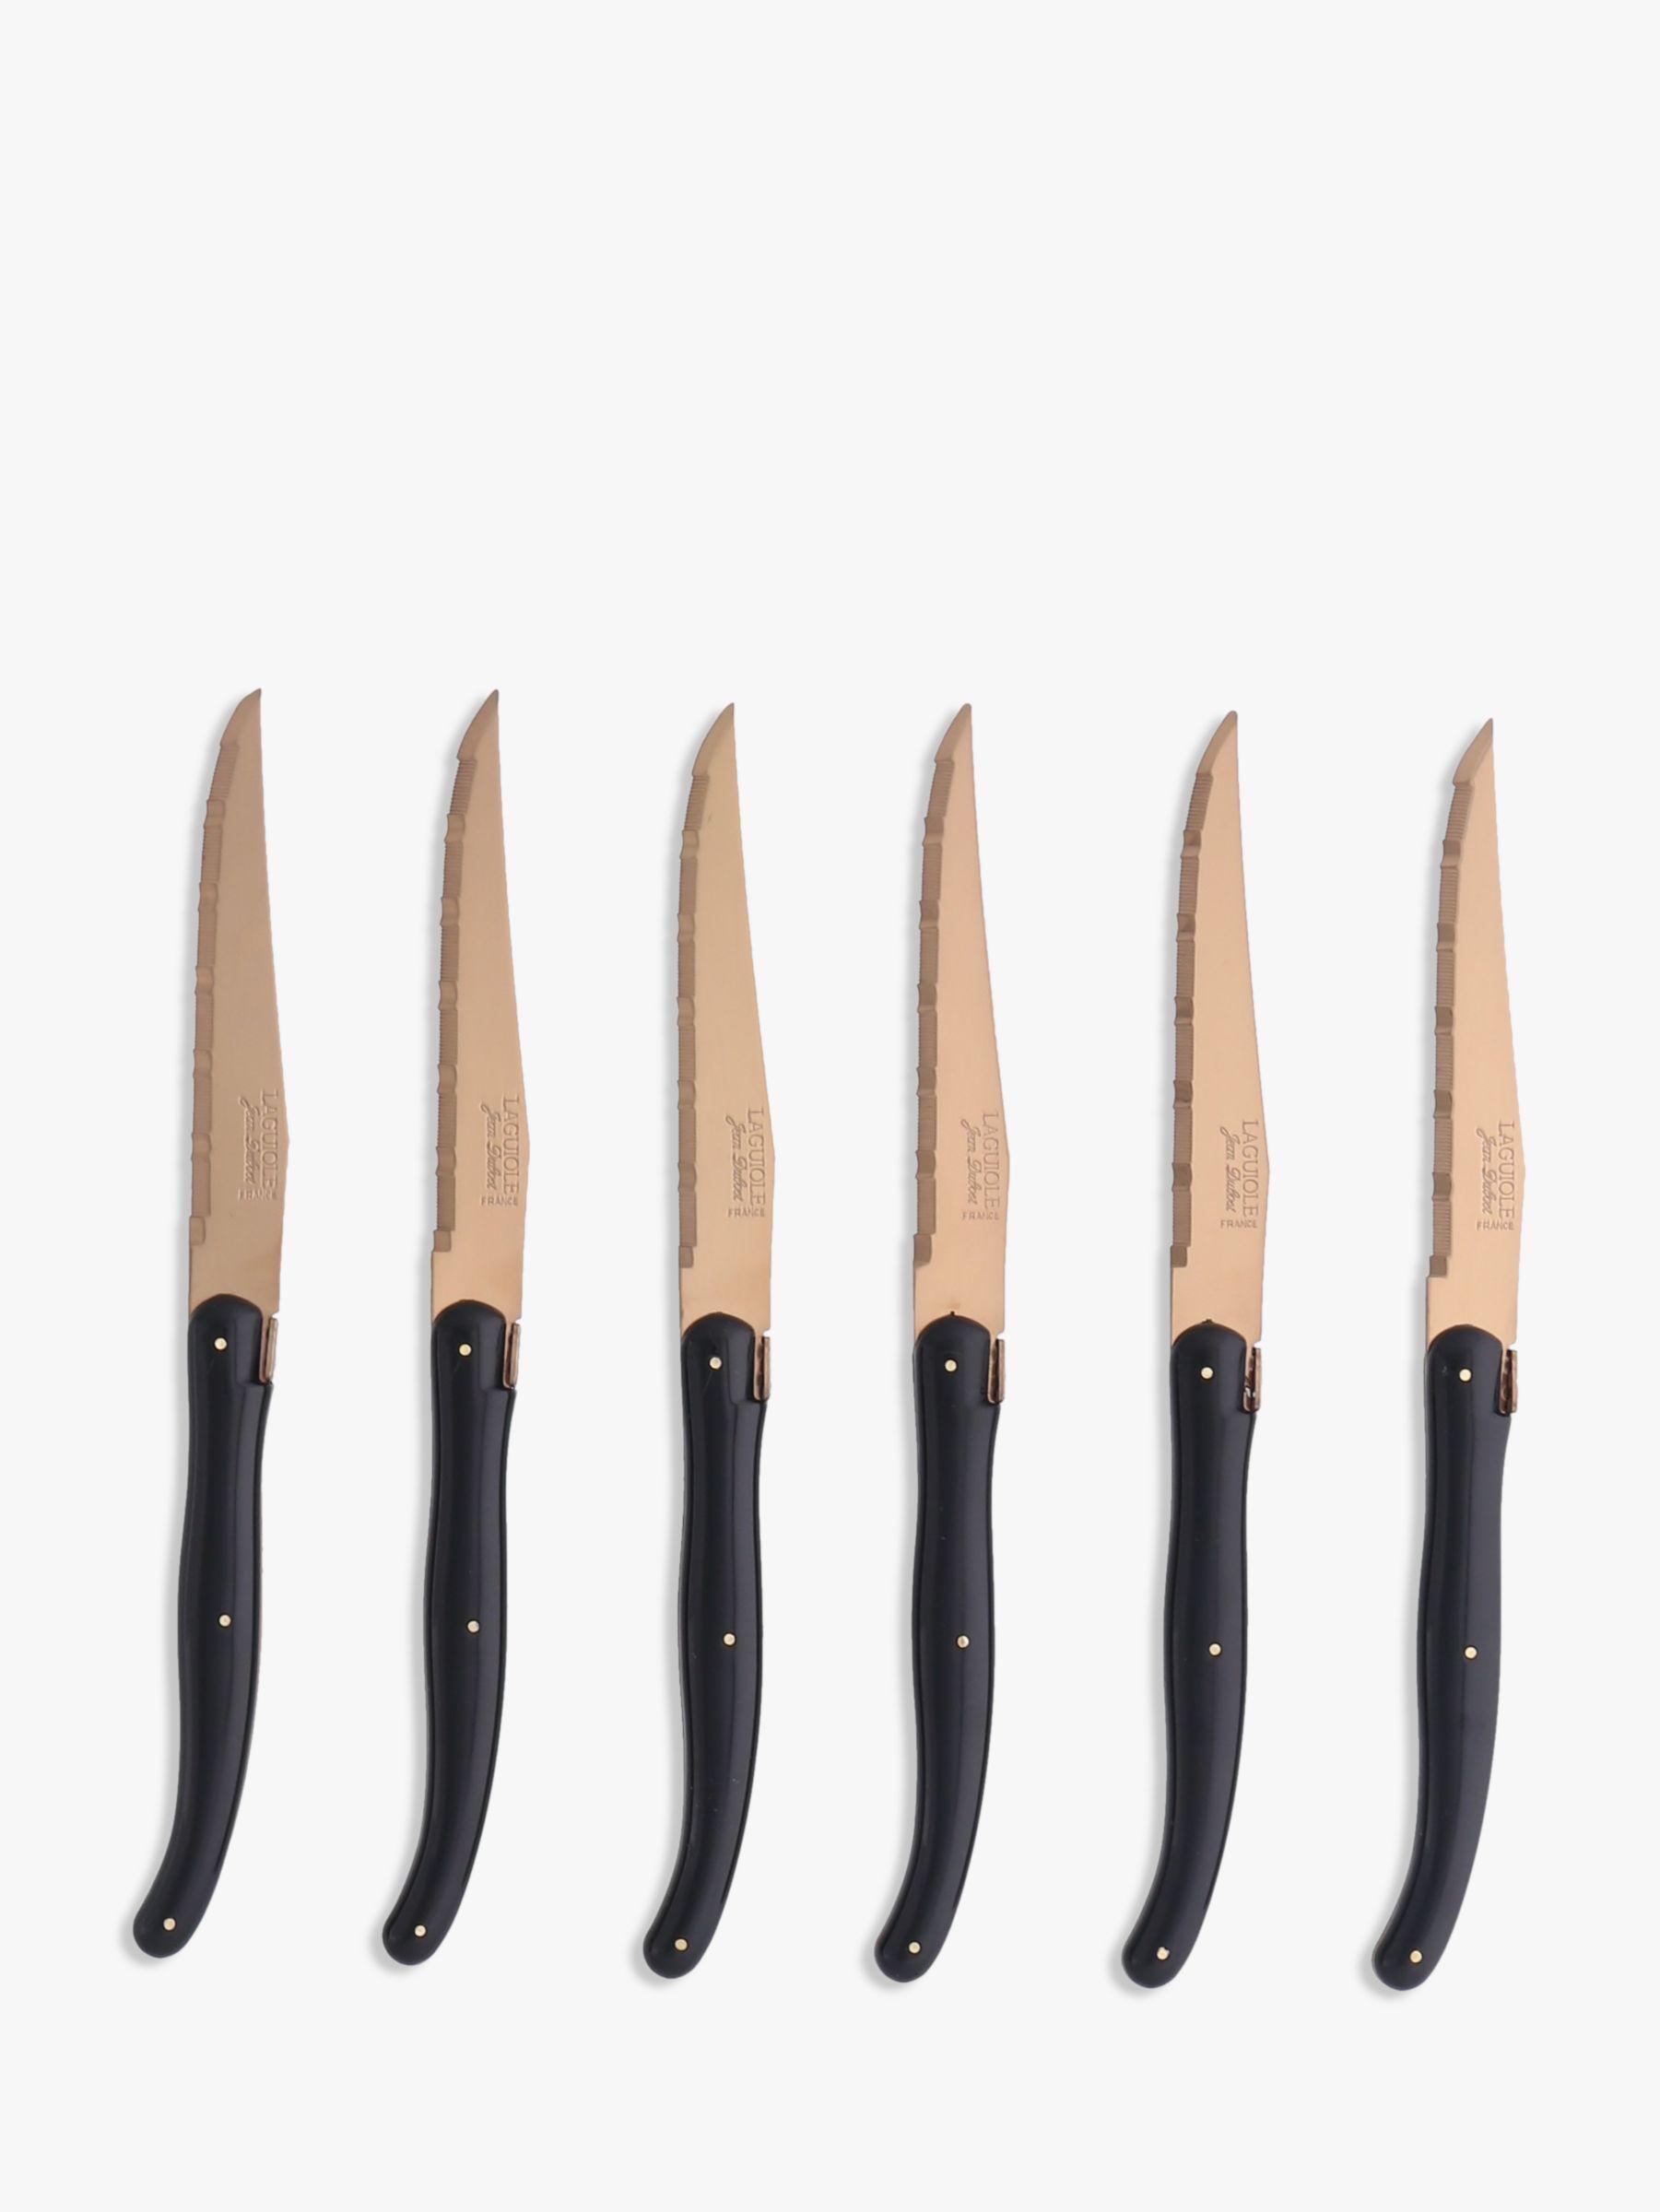 Laguiole Copper and Black Steak Knives, 6 Piece